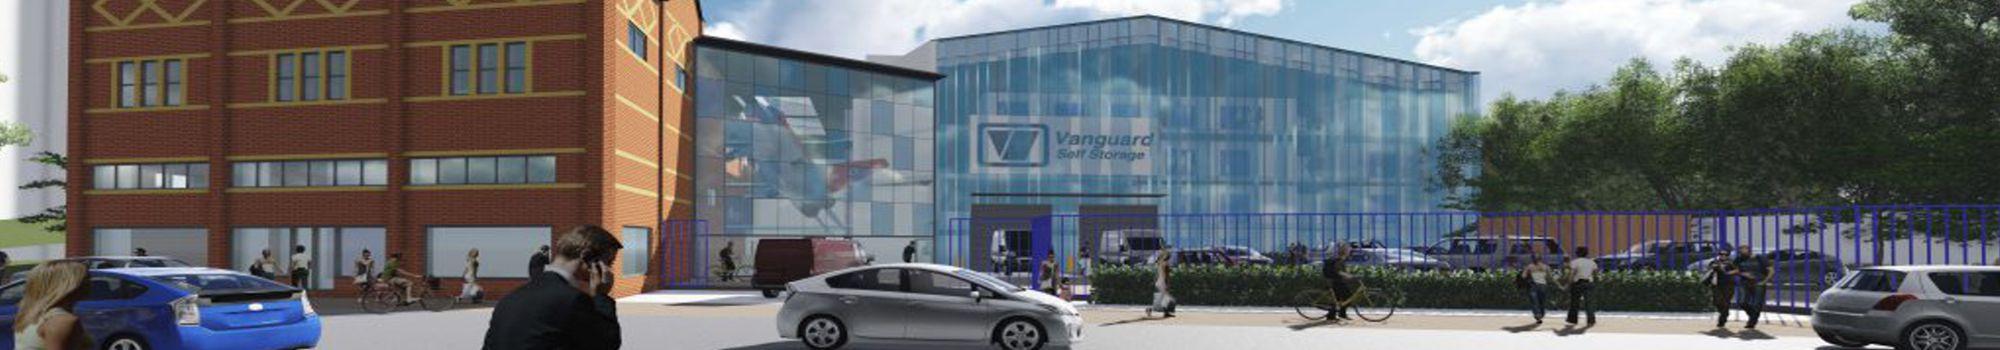 Vanguard Self Storage, Lawrence Hill, Bristol | CGL